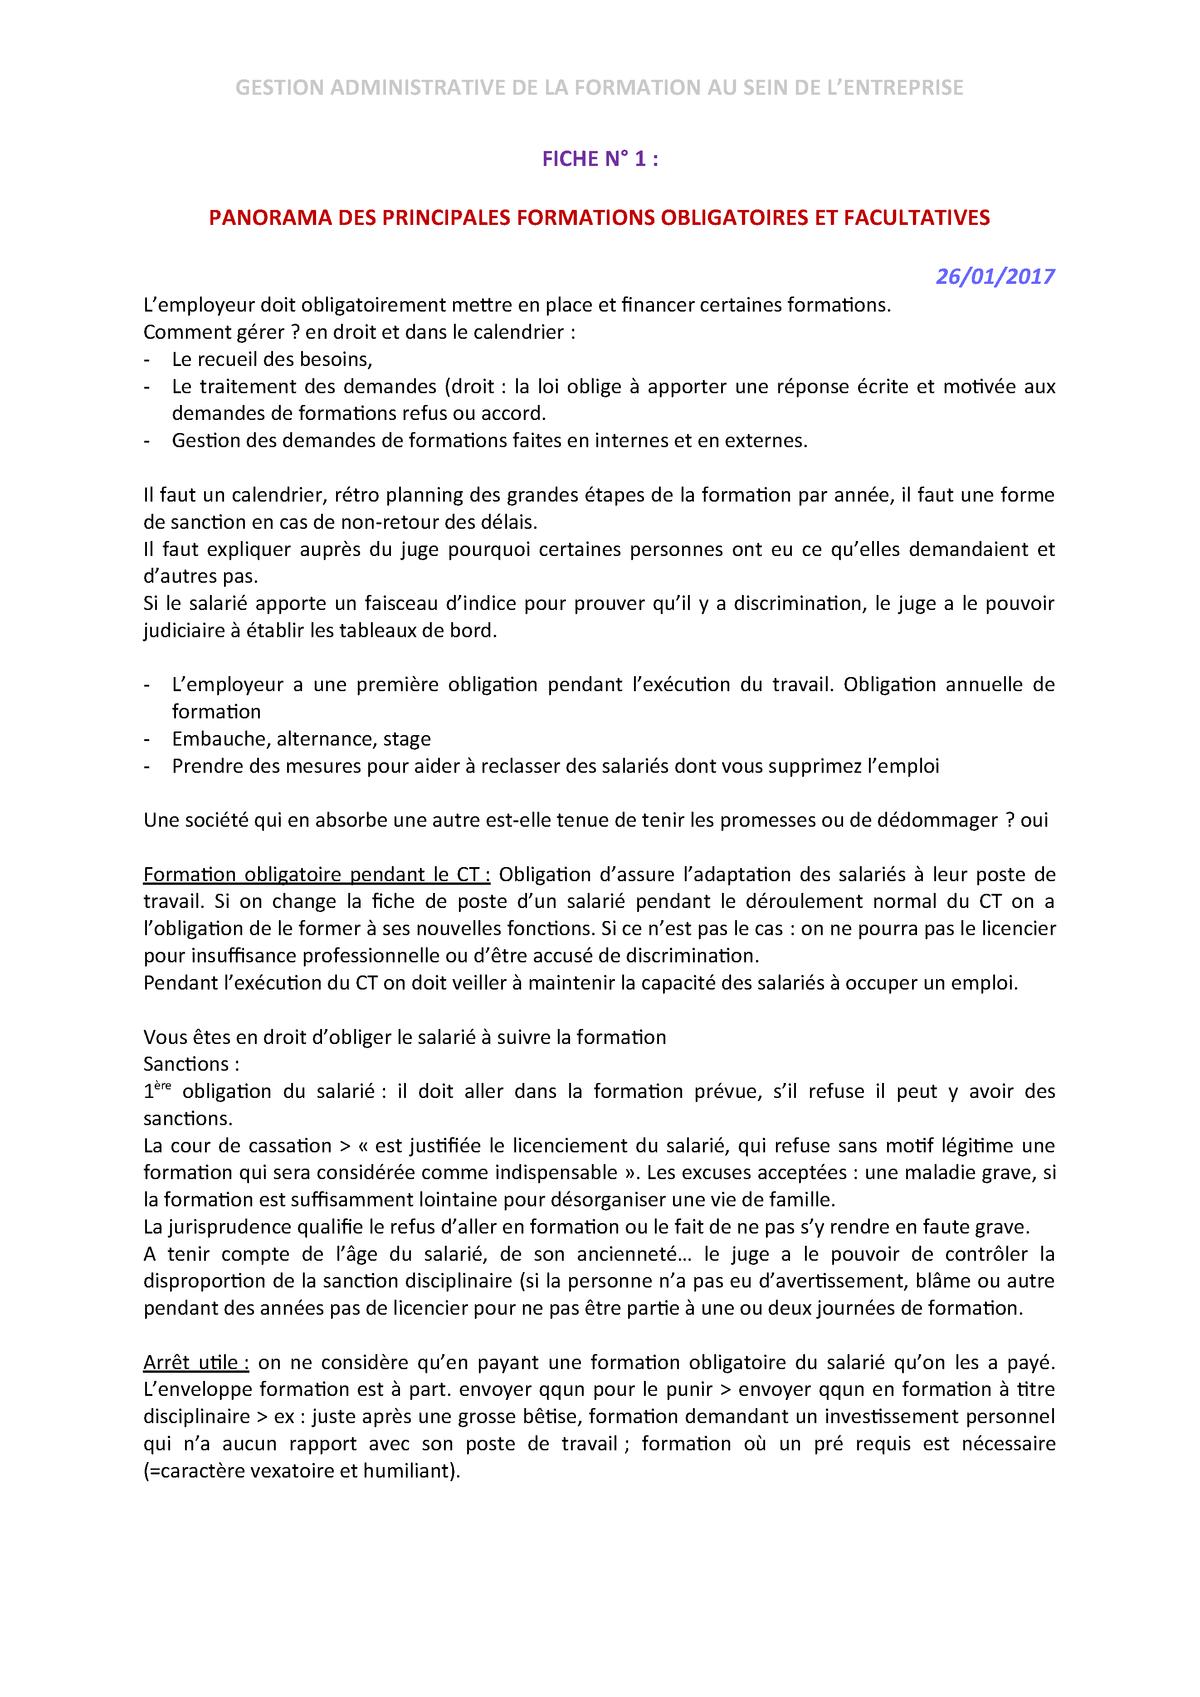 Fiche 1 Gestion Administrative Universite Paris 8 Studocu